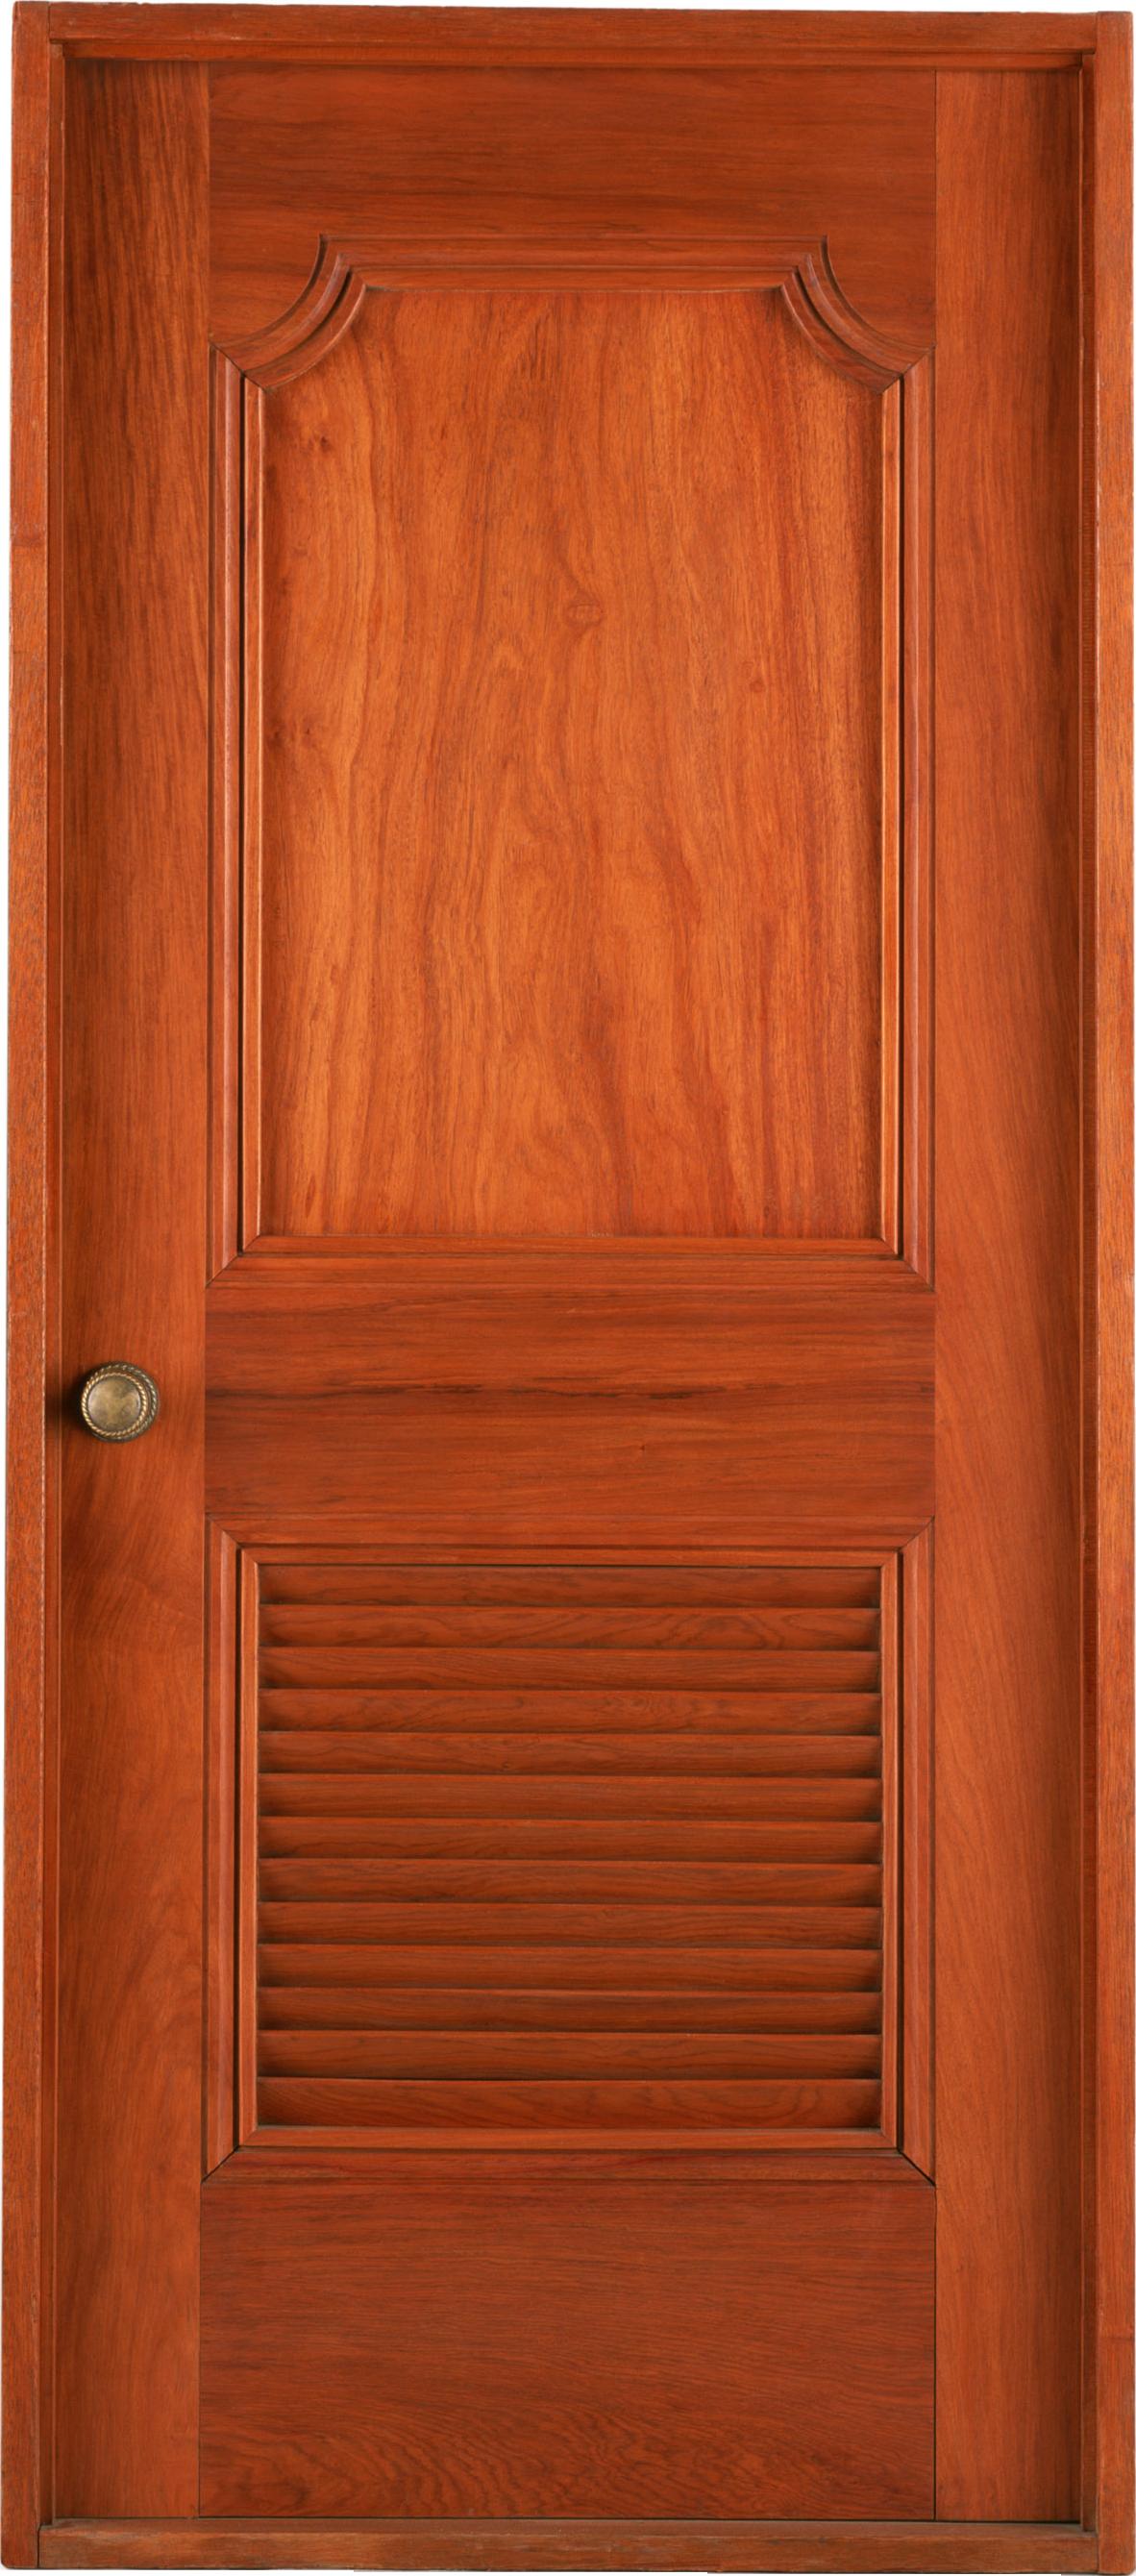 Door PNG Image Without Background 50139 - Door HD PNG